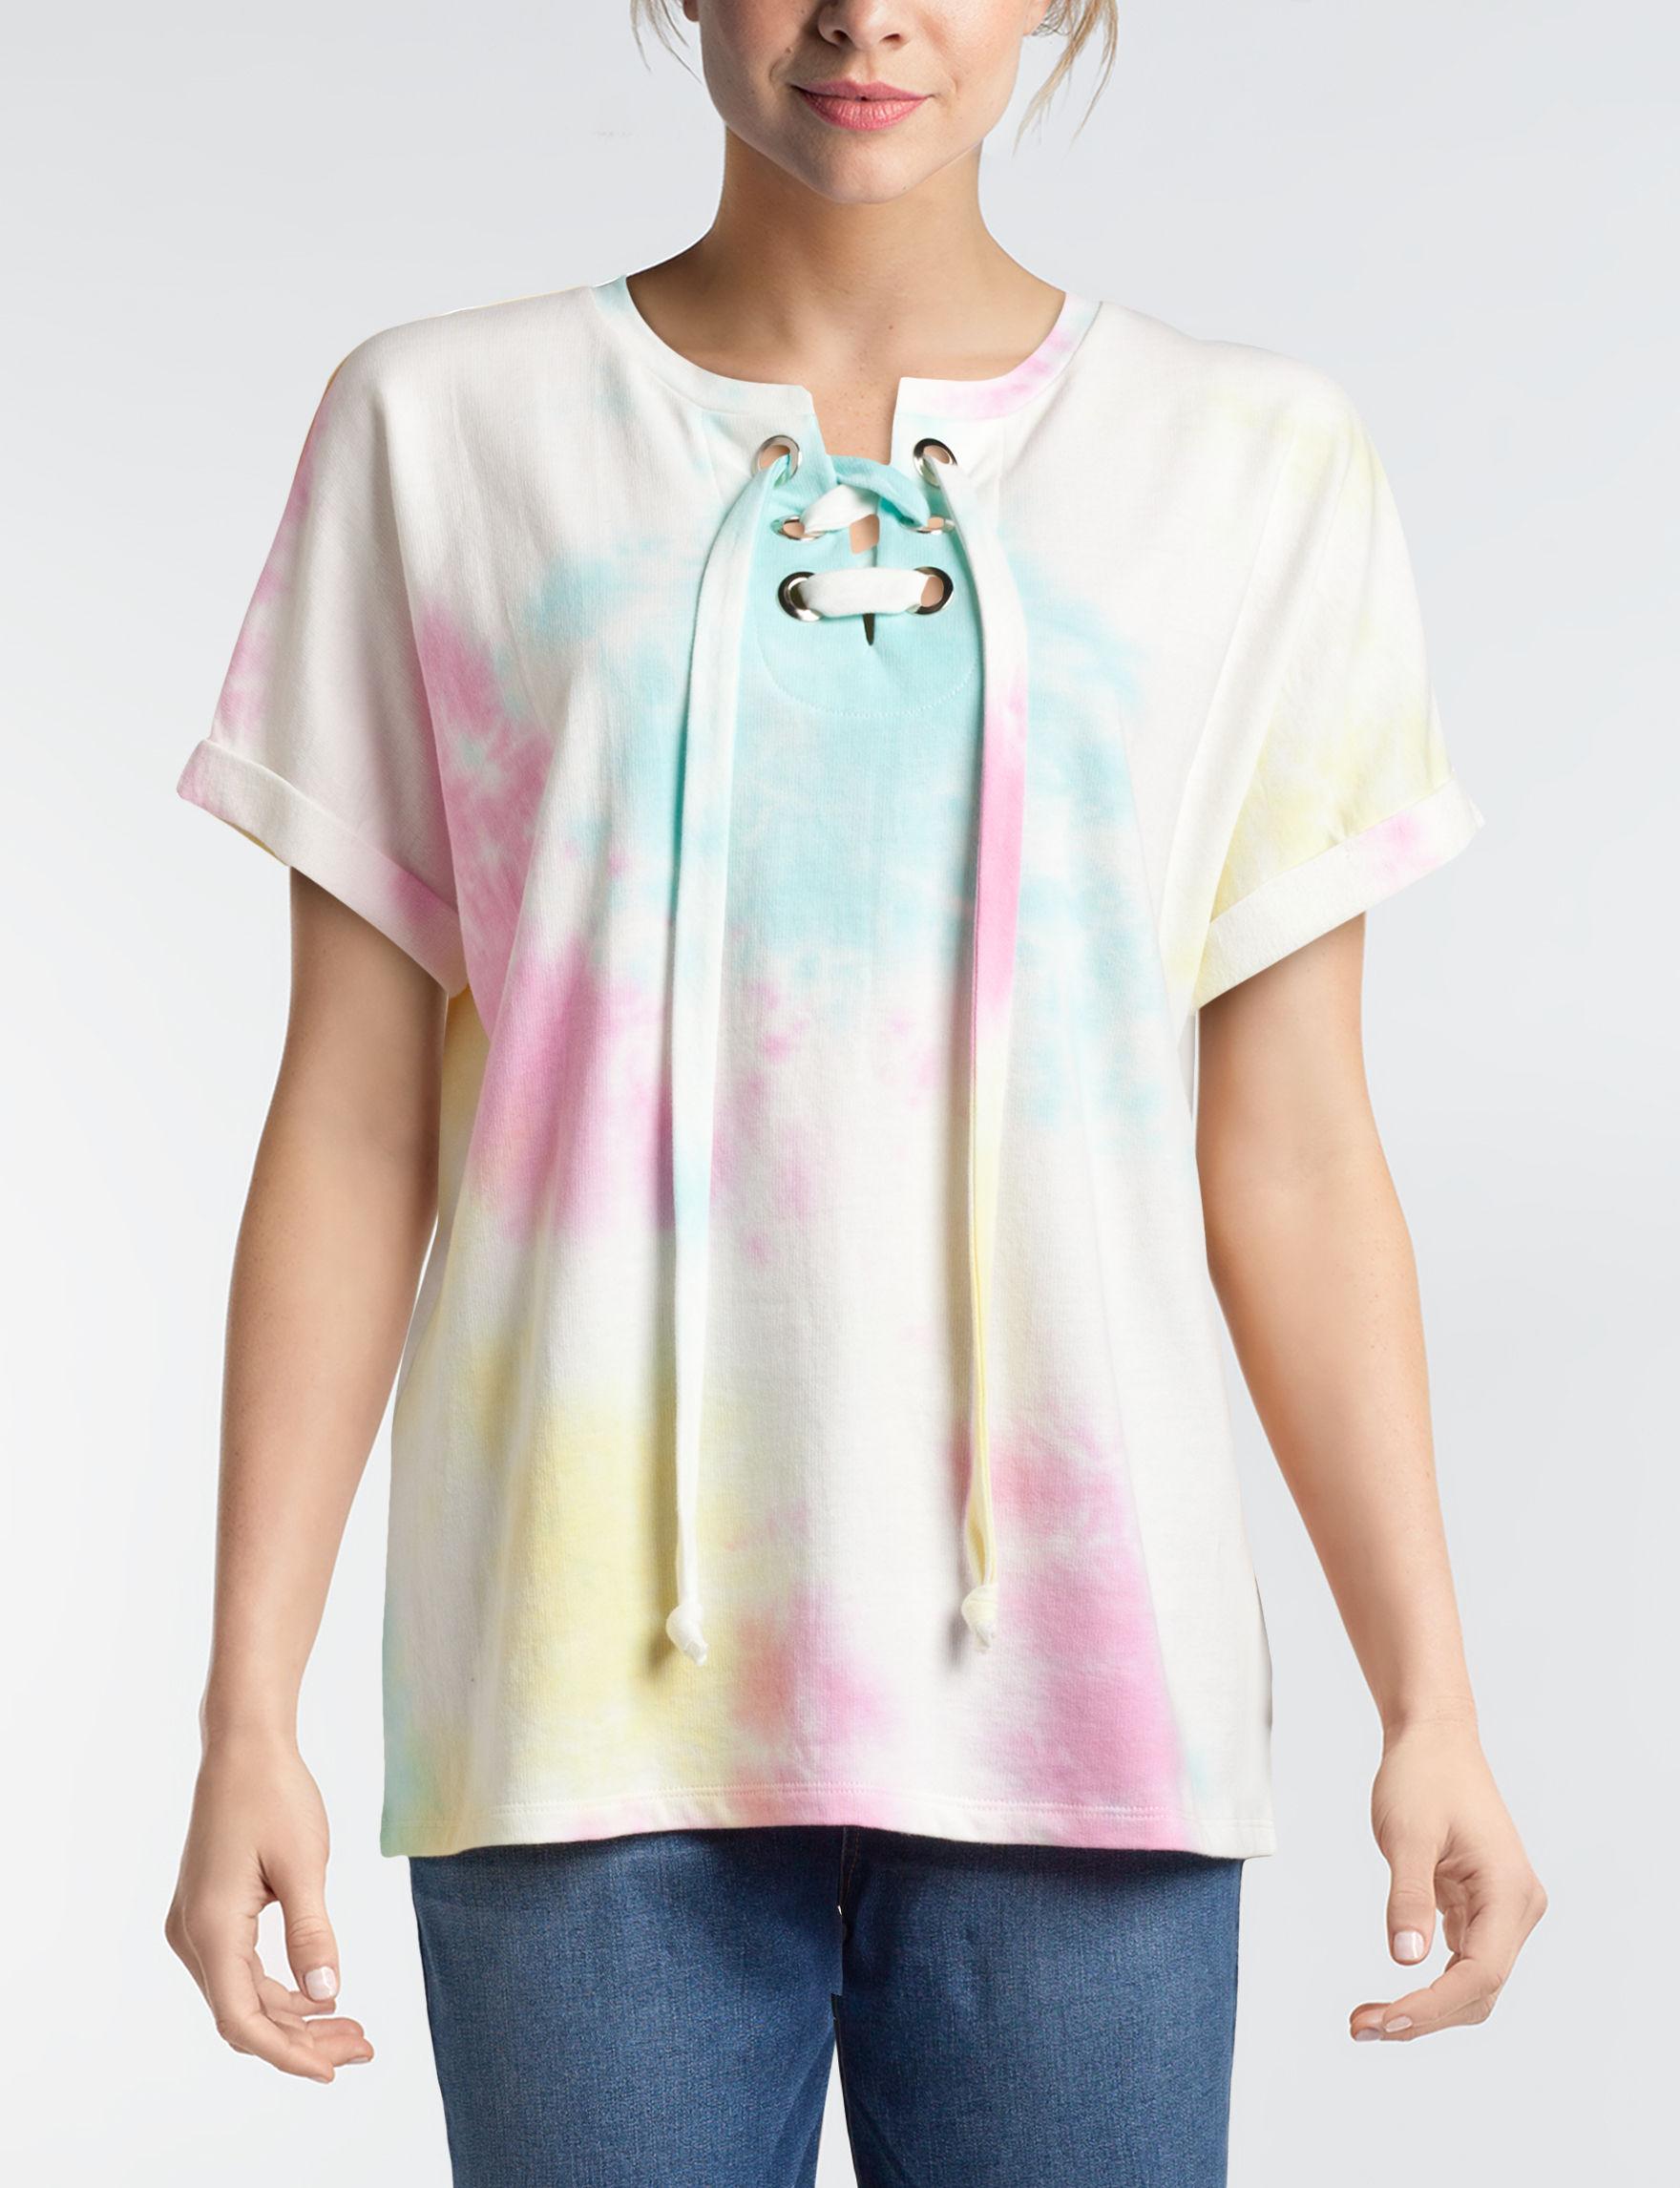 Signature Studio White Multi Shirts & Blouses Tees & Tanks